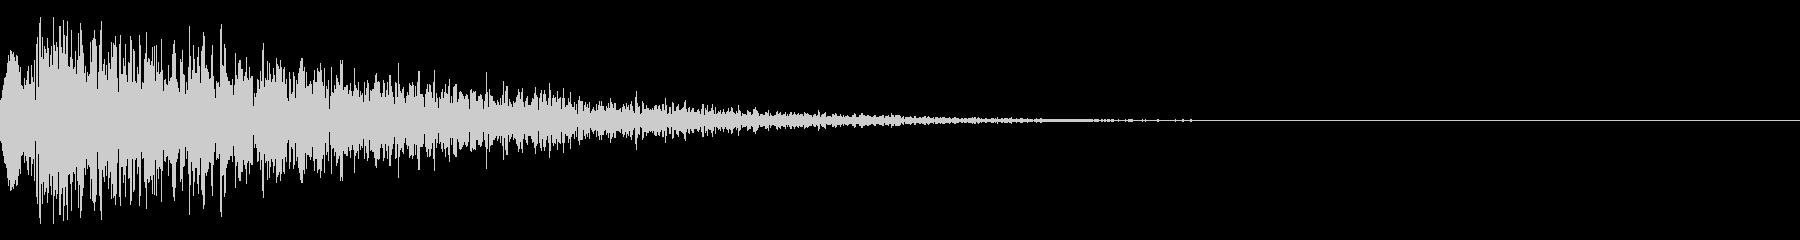 シネマチックな重低音インパクト5・ブーンの未再生の波形